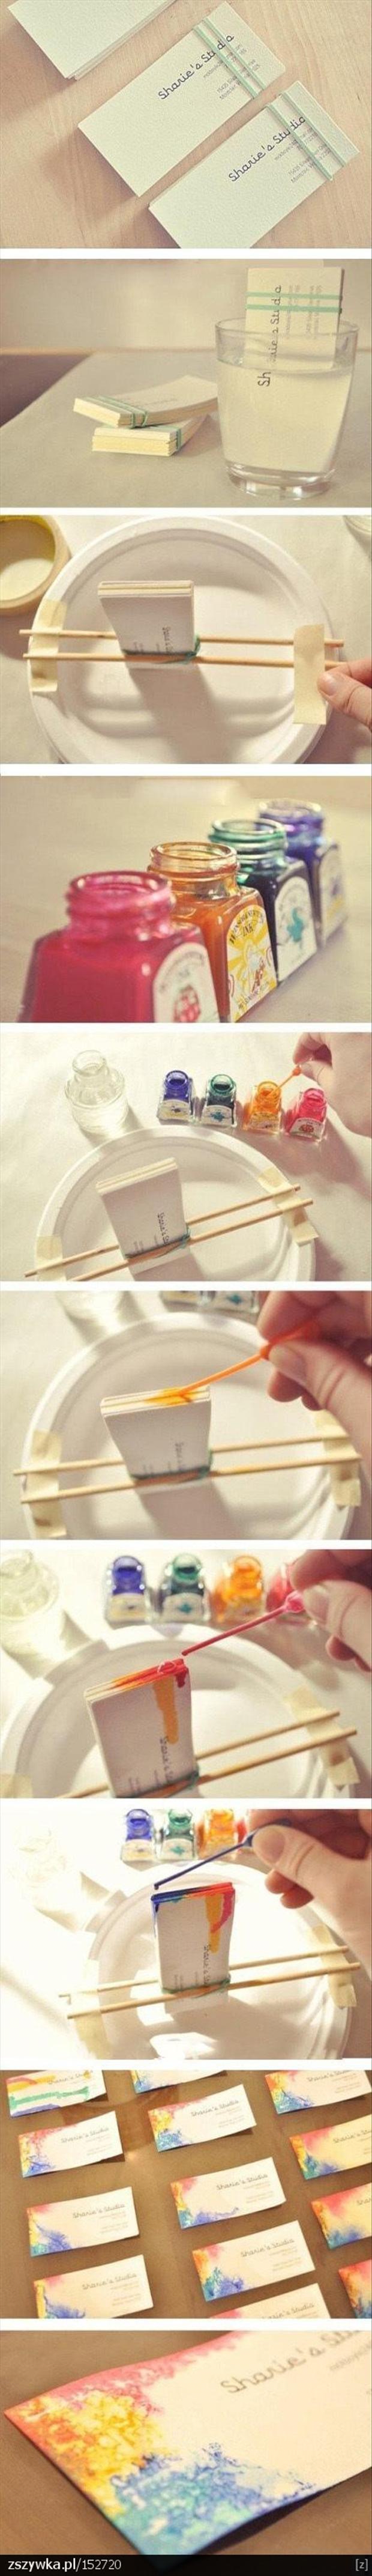 do it yourself craft ideas, dumpaday (5)